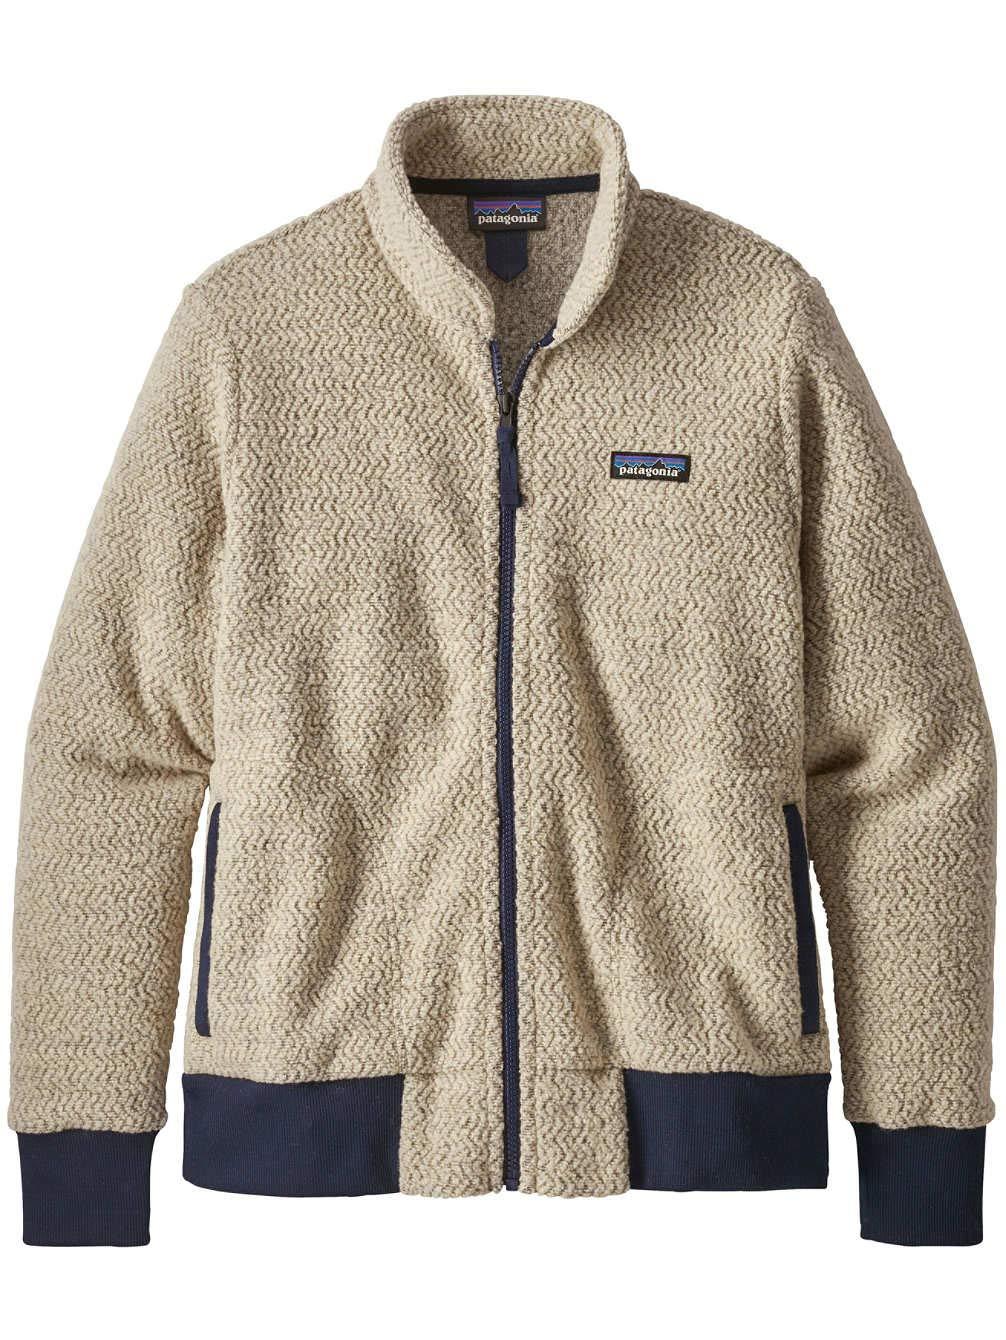 Patagonia Woolyester Fleece Jacket damen - Fleecejacke